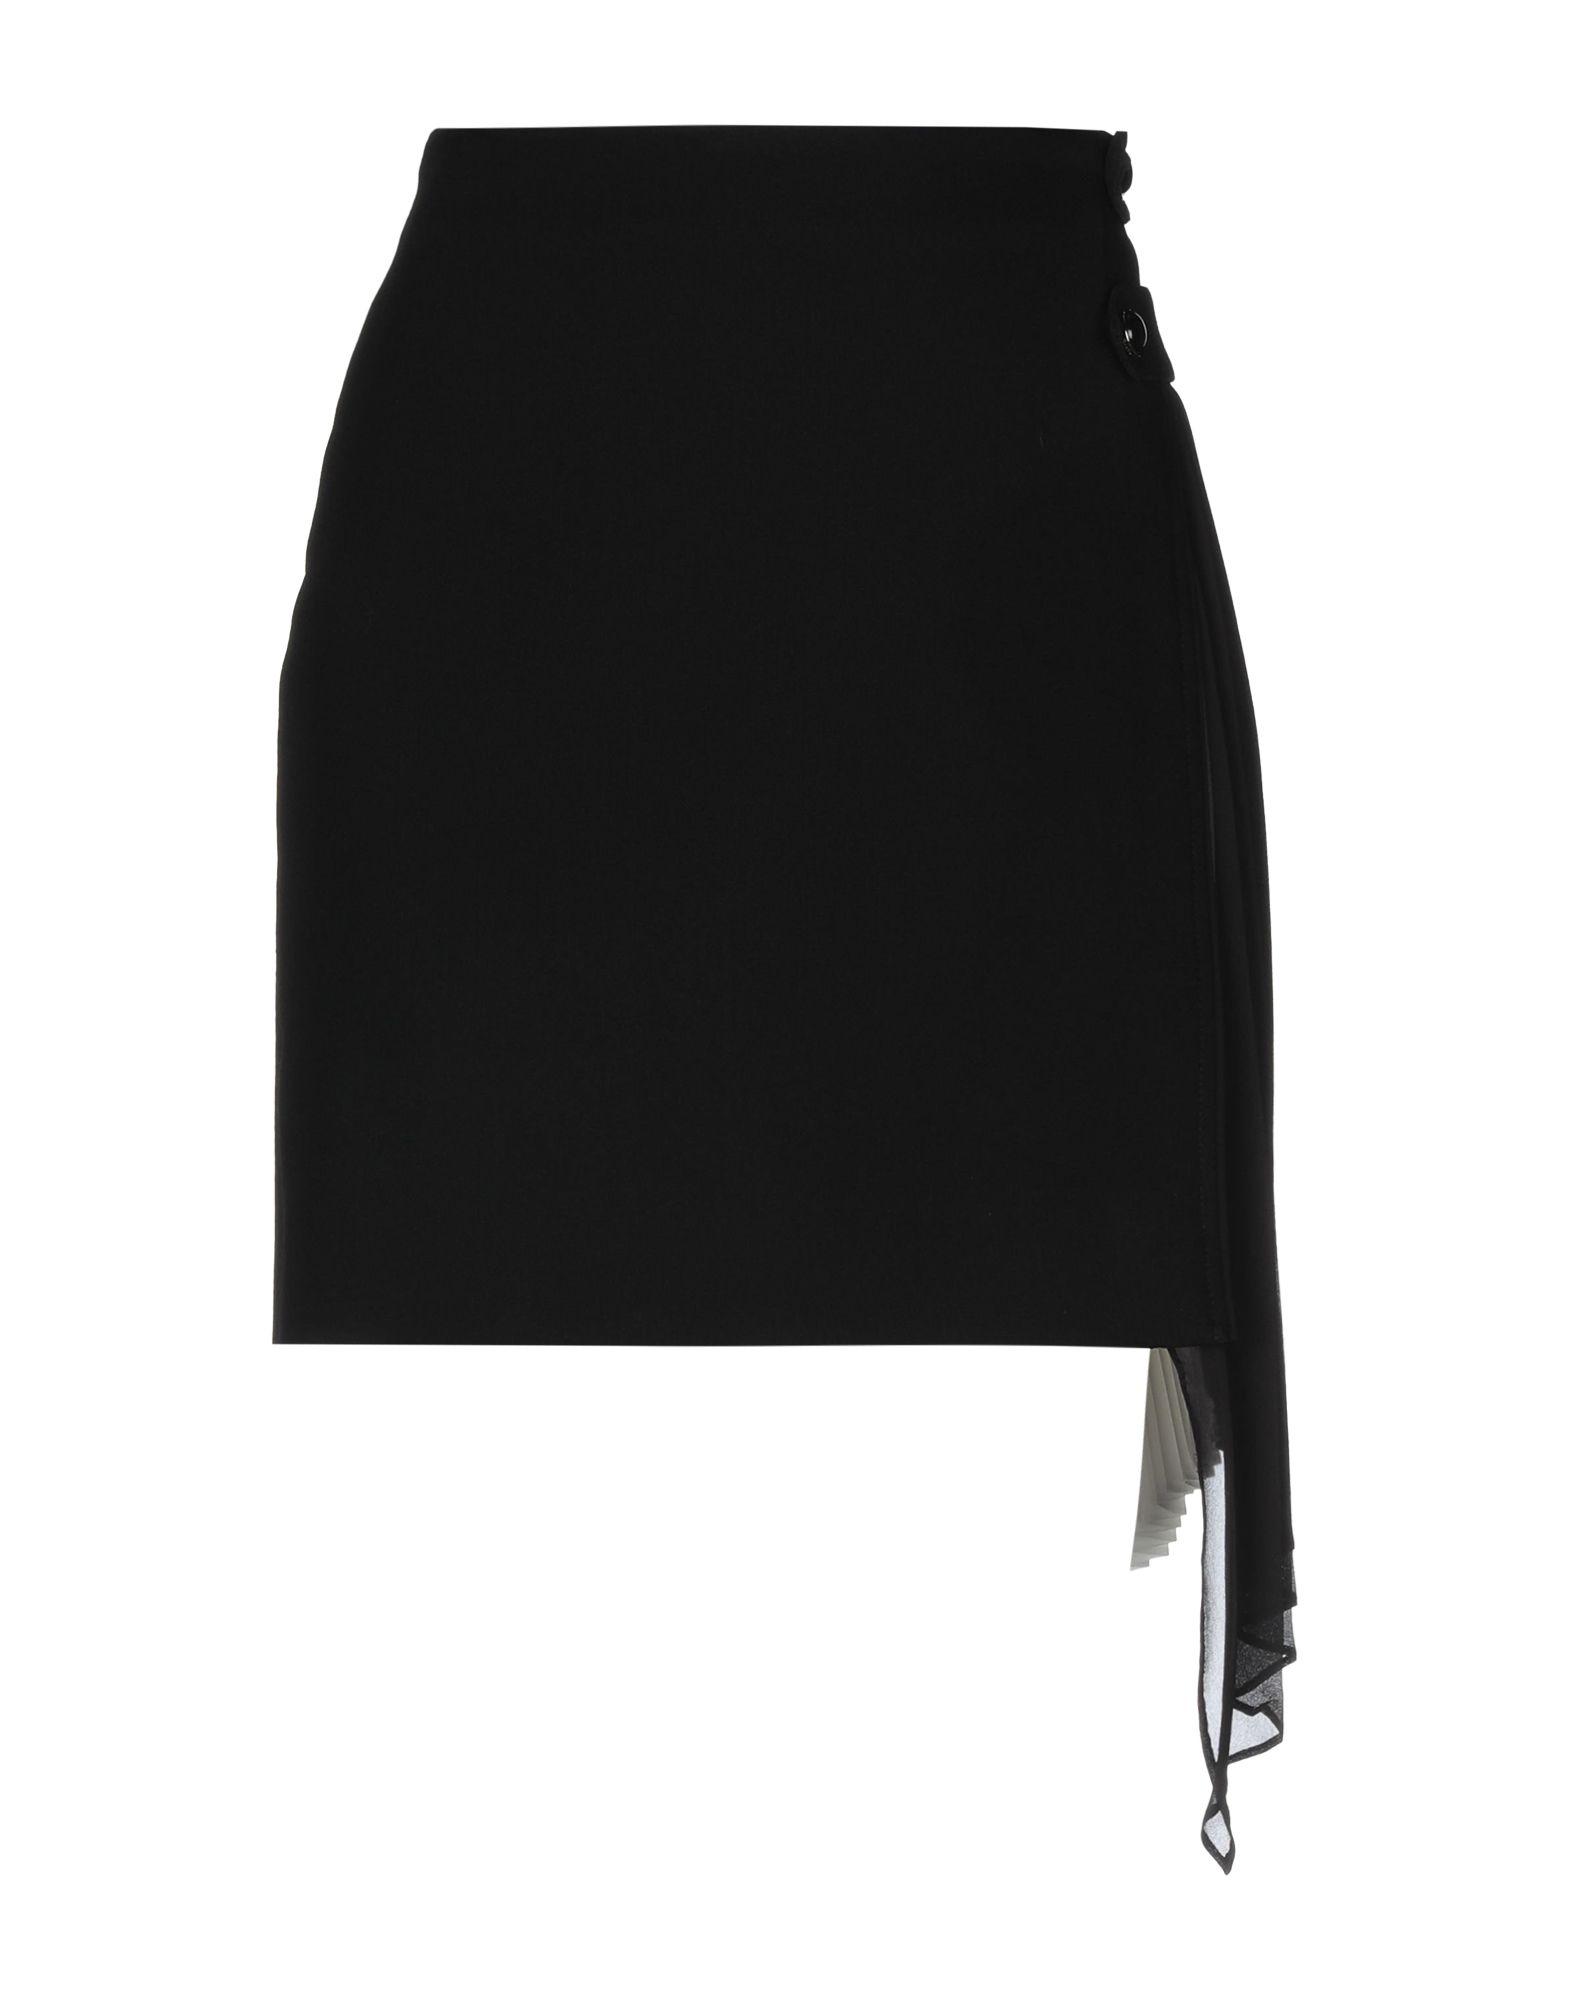 《送料無料》GIVENCHY レディース ひざ丈スカート ブラック 34 ウール 100% / シルク / ポリエステル